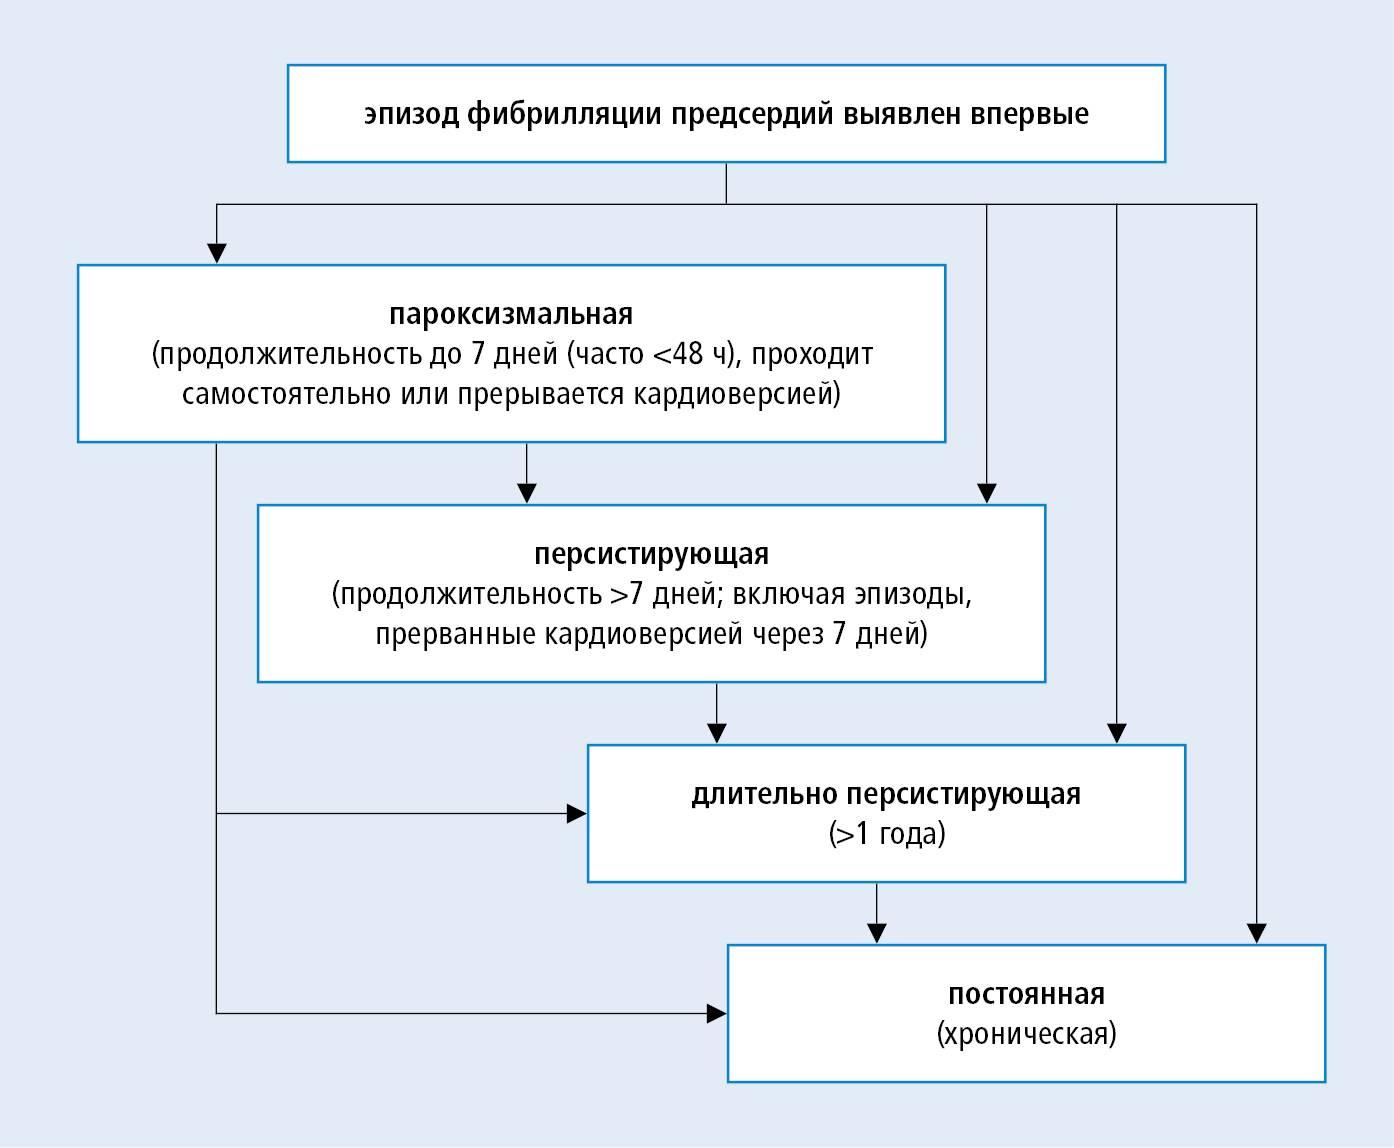 Пароксизмальная форма мерцательной аритмии